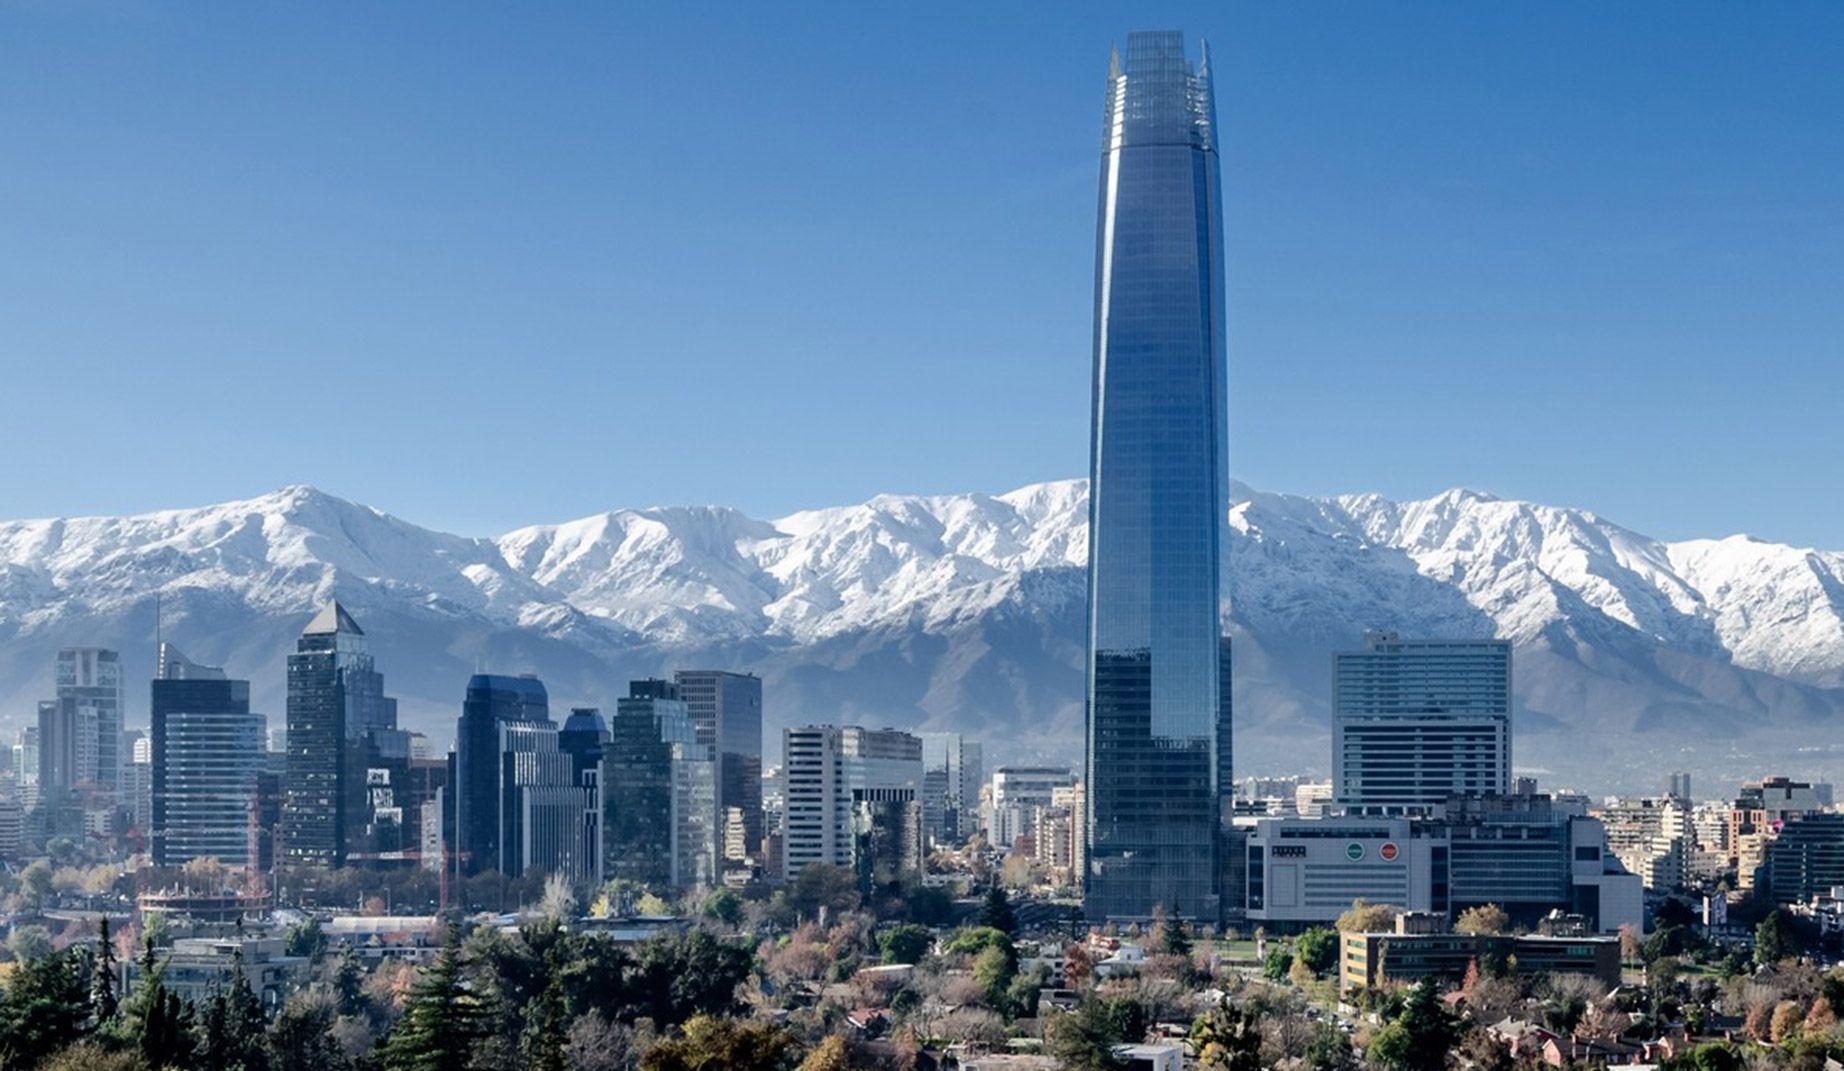 Flüge: Chile [März-Dezember] Hin- und Rückflug von Frankfurt, Hamburg, Düsseldorf, München (...) nach Santiago de Chile ab 430€